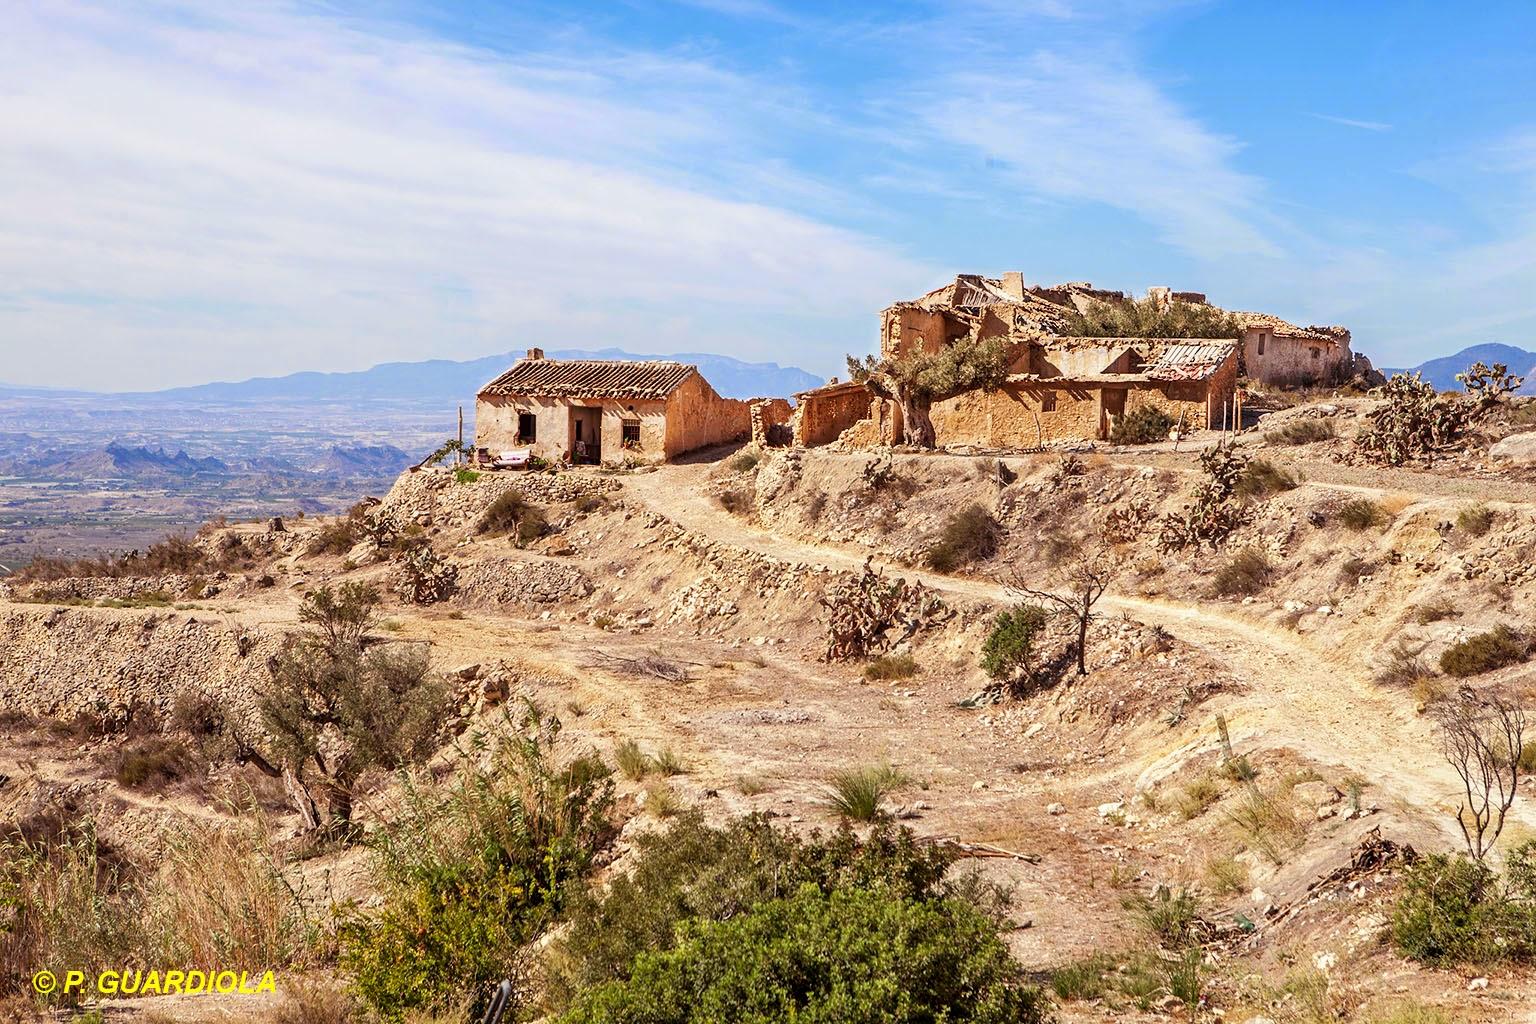 Pueblos abandonados en la Región de Murcia